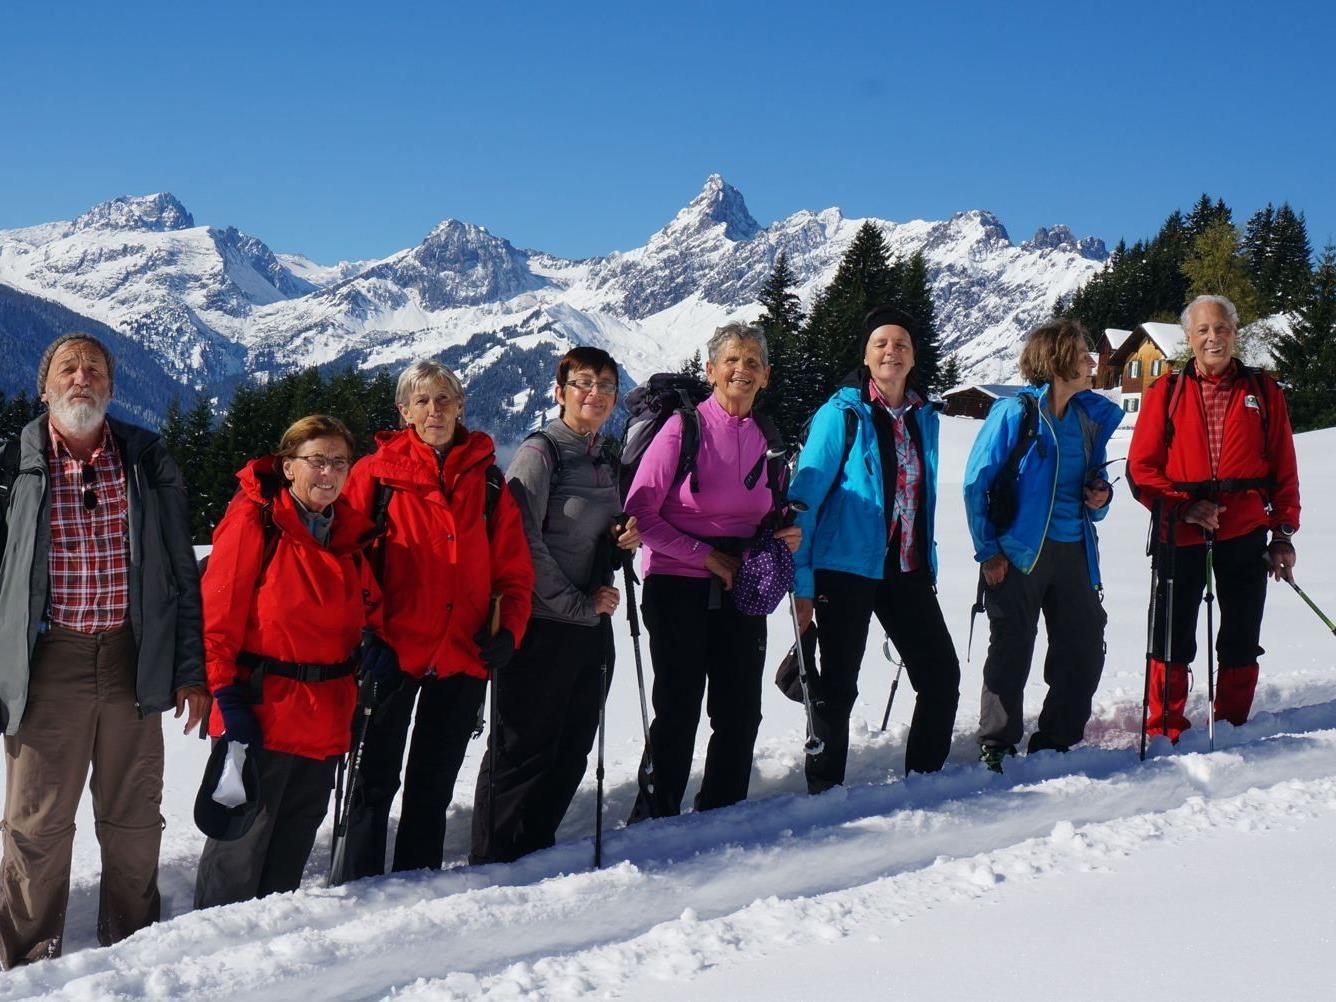 Die Rankler Alpenvereins-Senioren auf Wanderschaft in Schneegebiet.